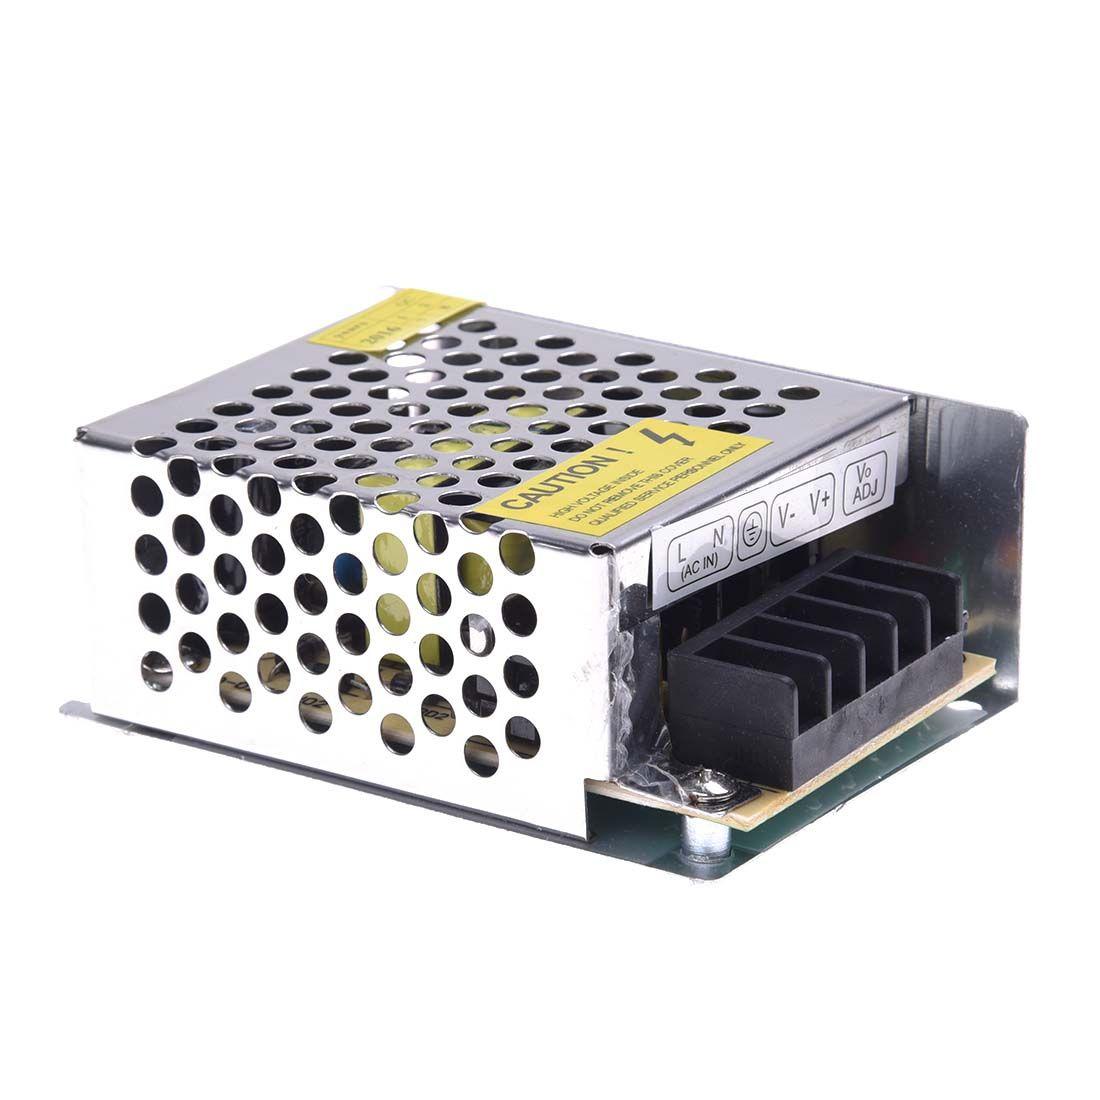 LED Streifen Licht AC 220 V DC 20 Watt 5 V 4 Ein Adapter Gleichgerichtete Netzteil Treiber für CCTV